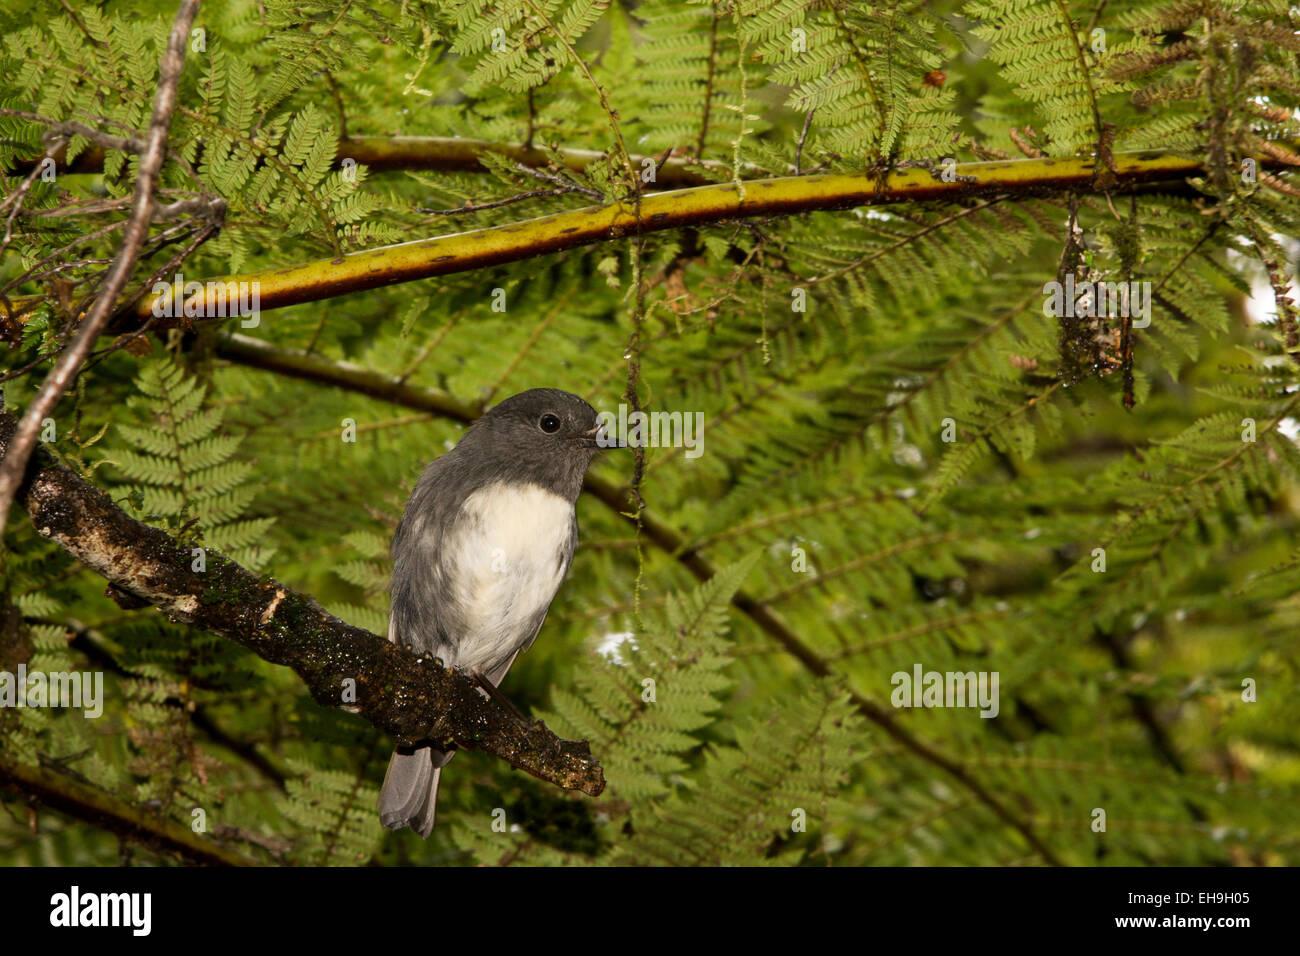 New Zealand Robins sind endemisch in Neuseeland und in natürlichen Wäldern leben.  Langbeinschnäpper Stockbild